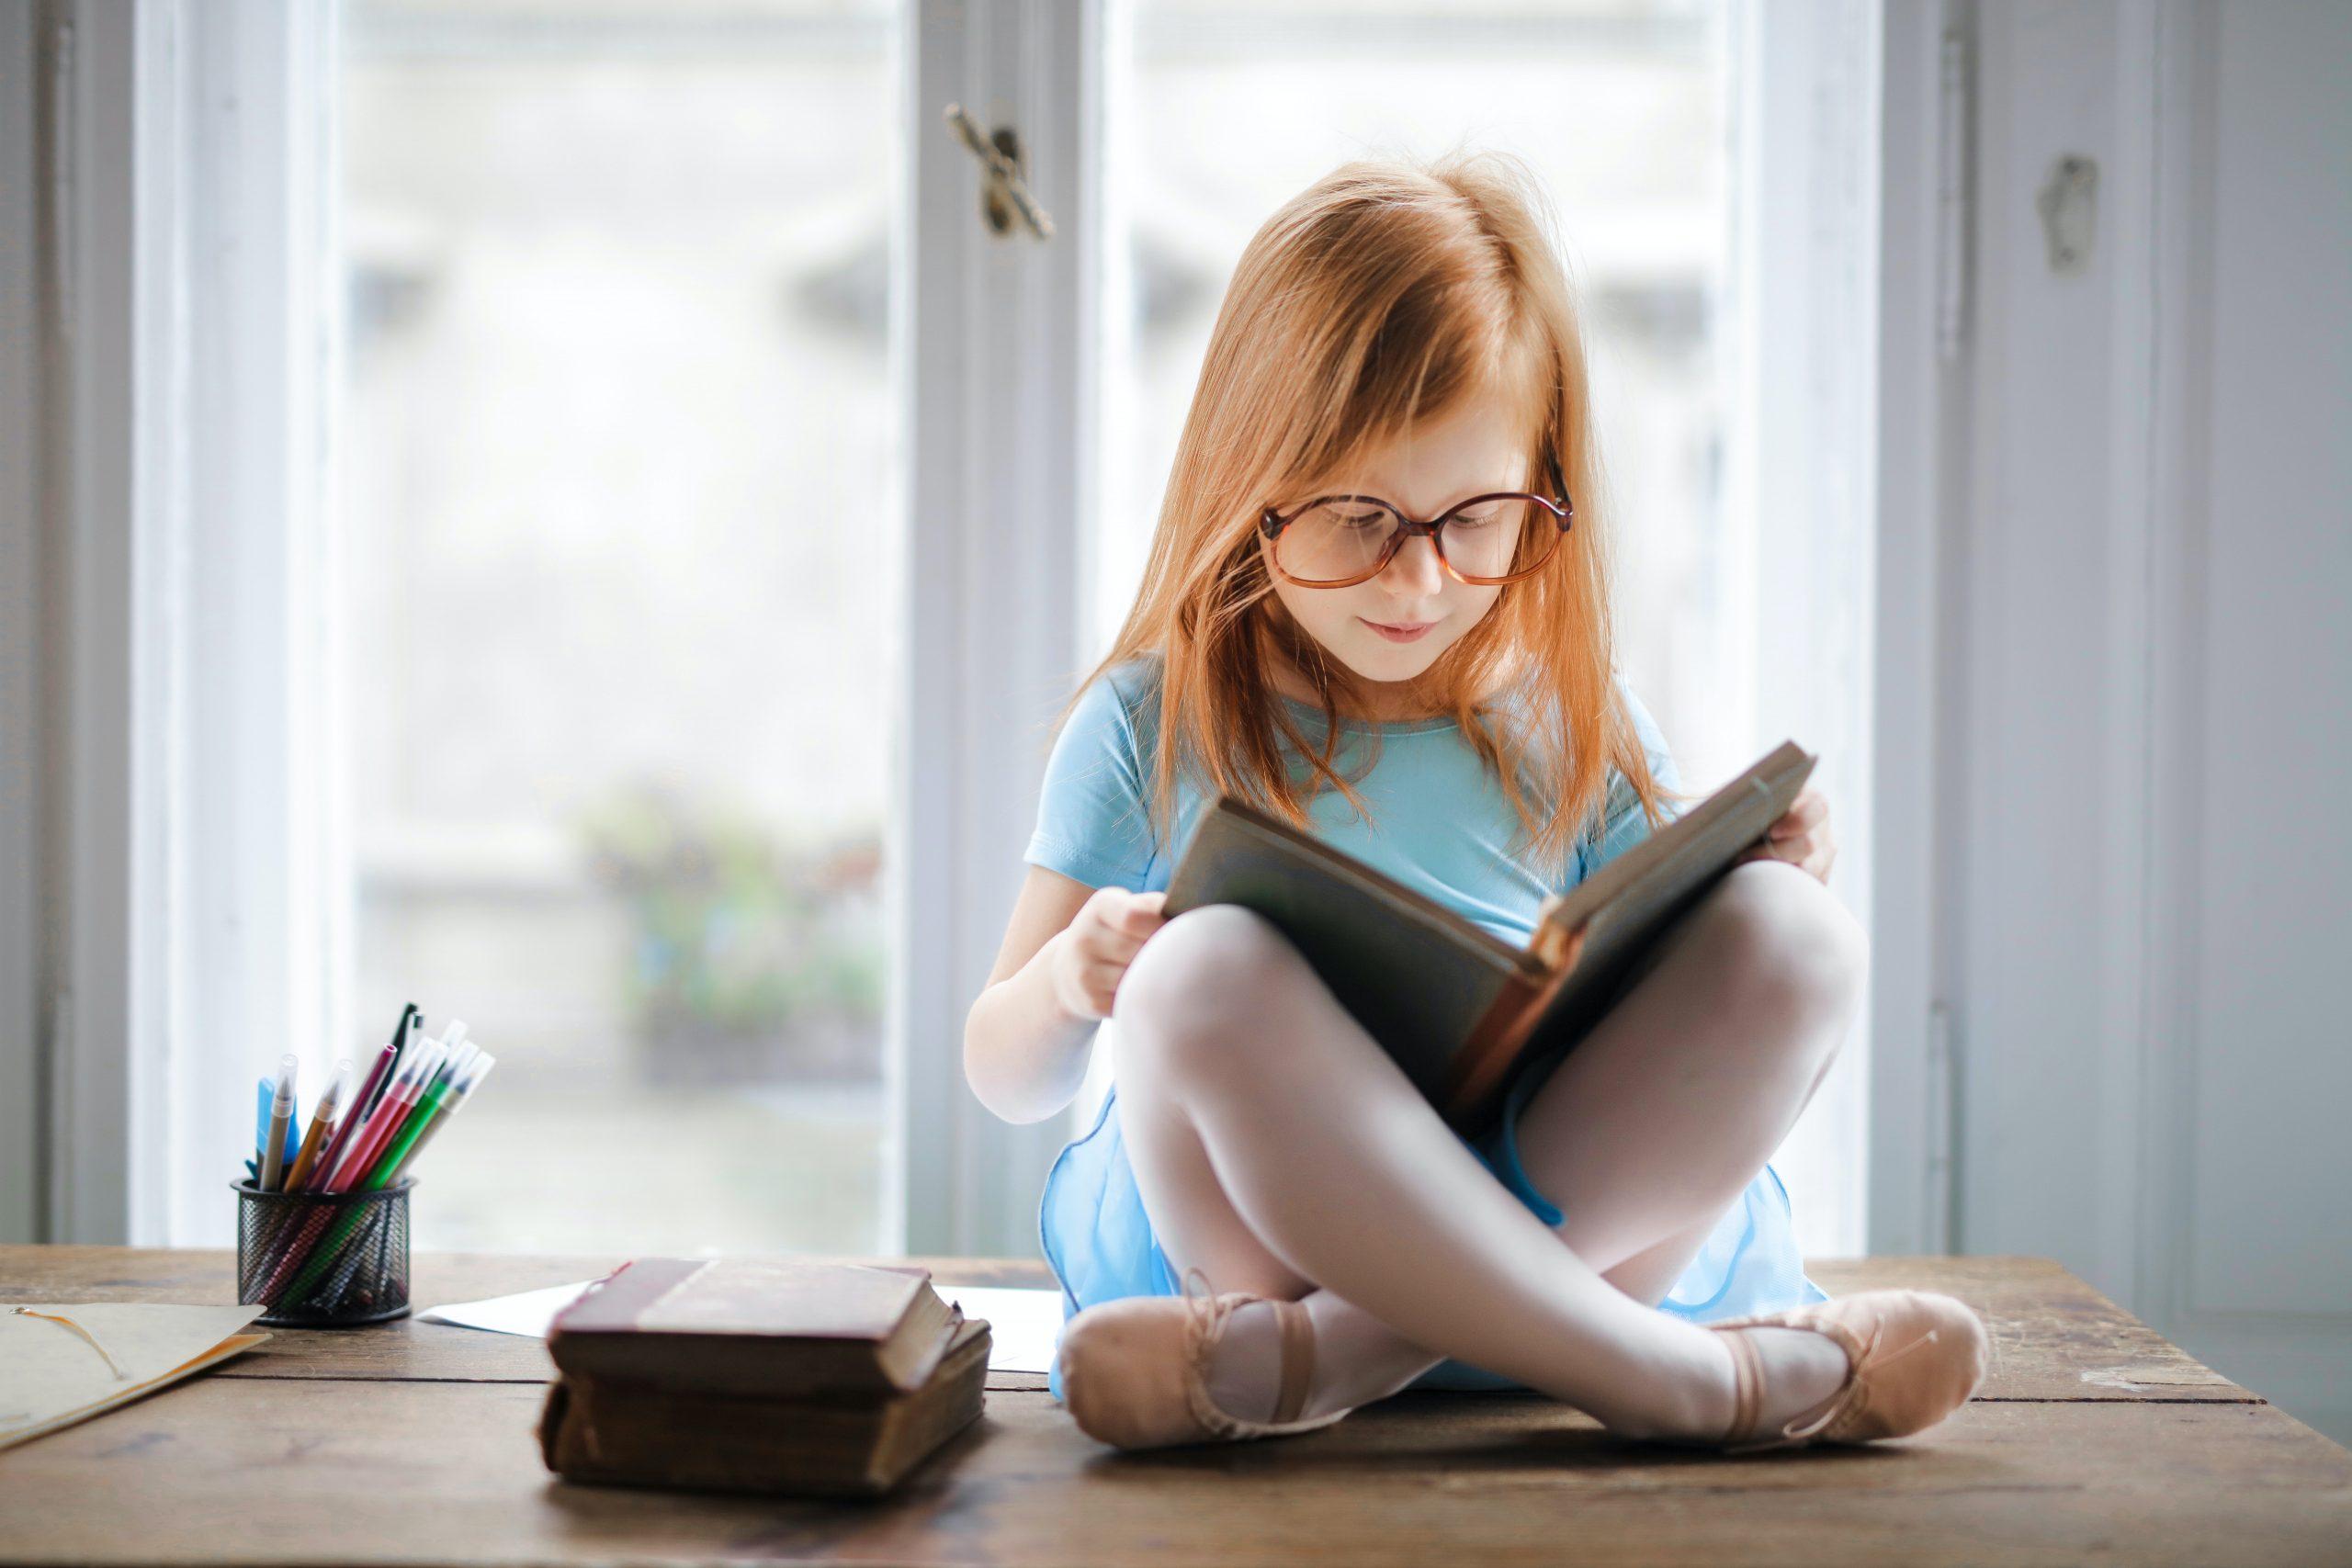 Nuevos métodos de aprendizaje para niños